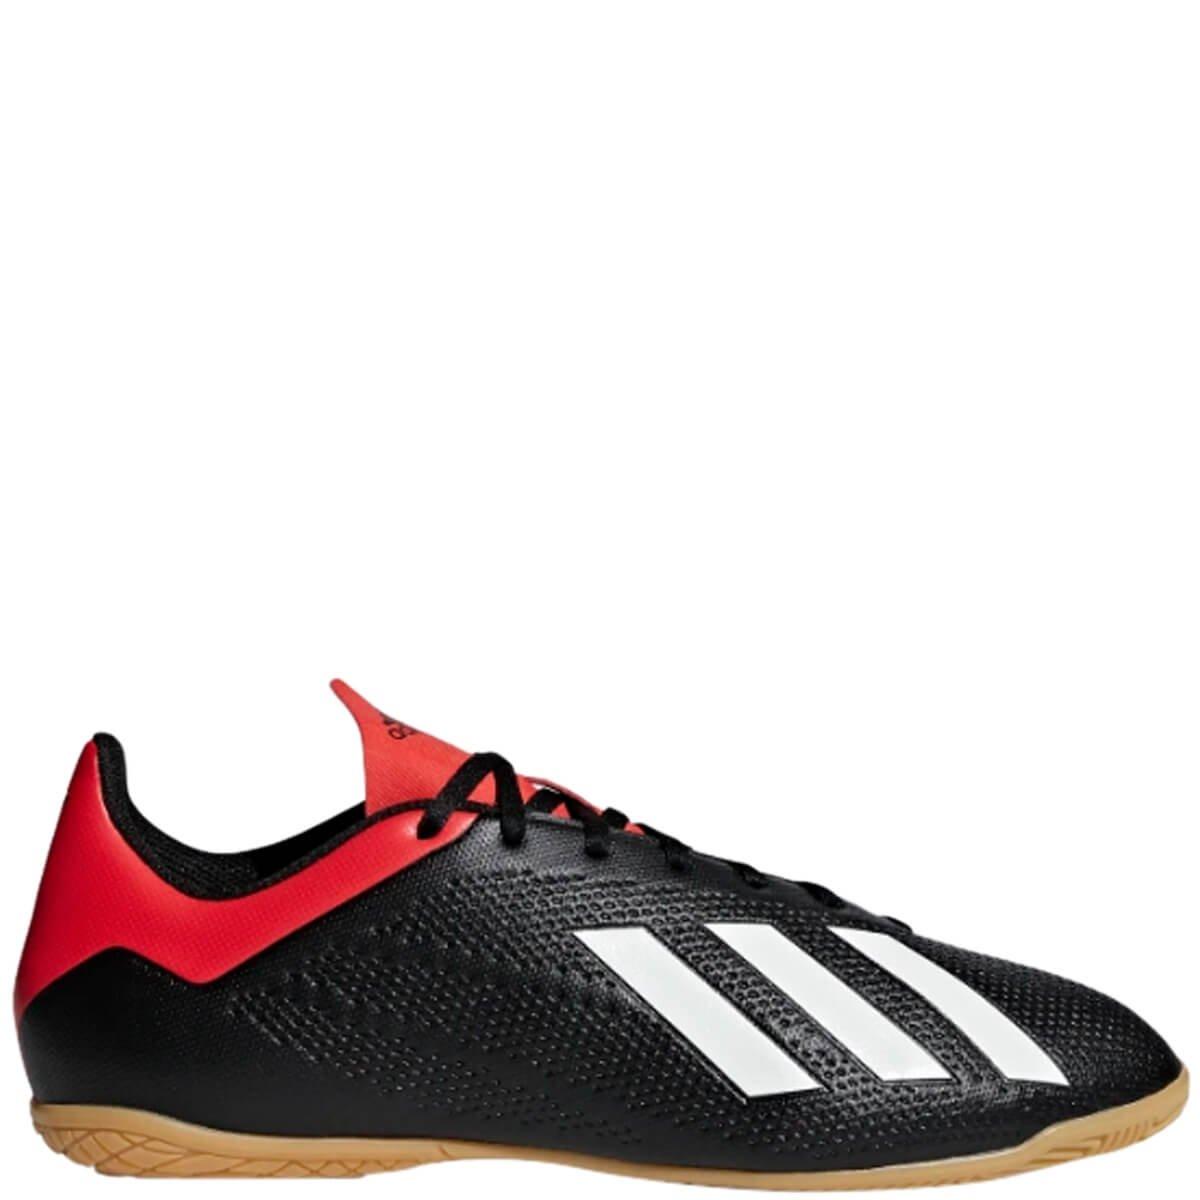 f3f8345b4d4c4 Chuteira Masculina Futsal Adidas X 18.4 Bb9405 - Preto/Vermelho   Bizz Store